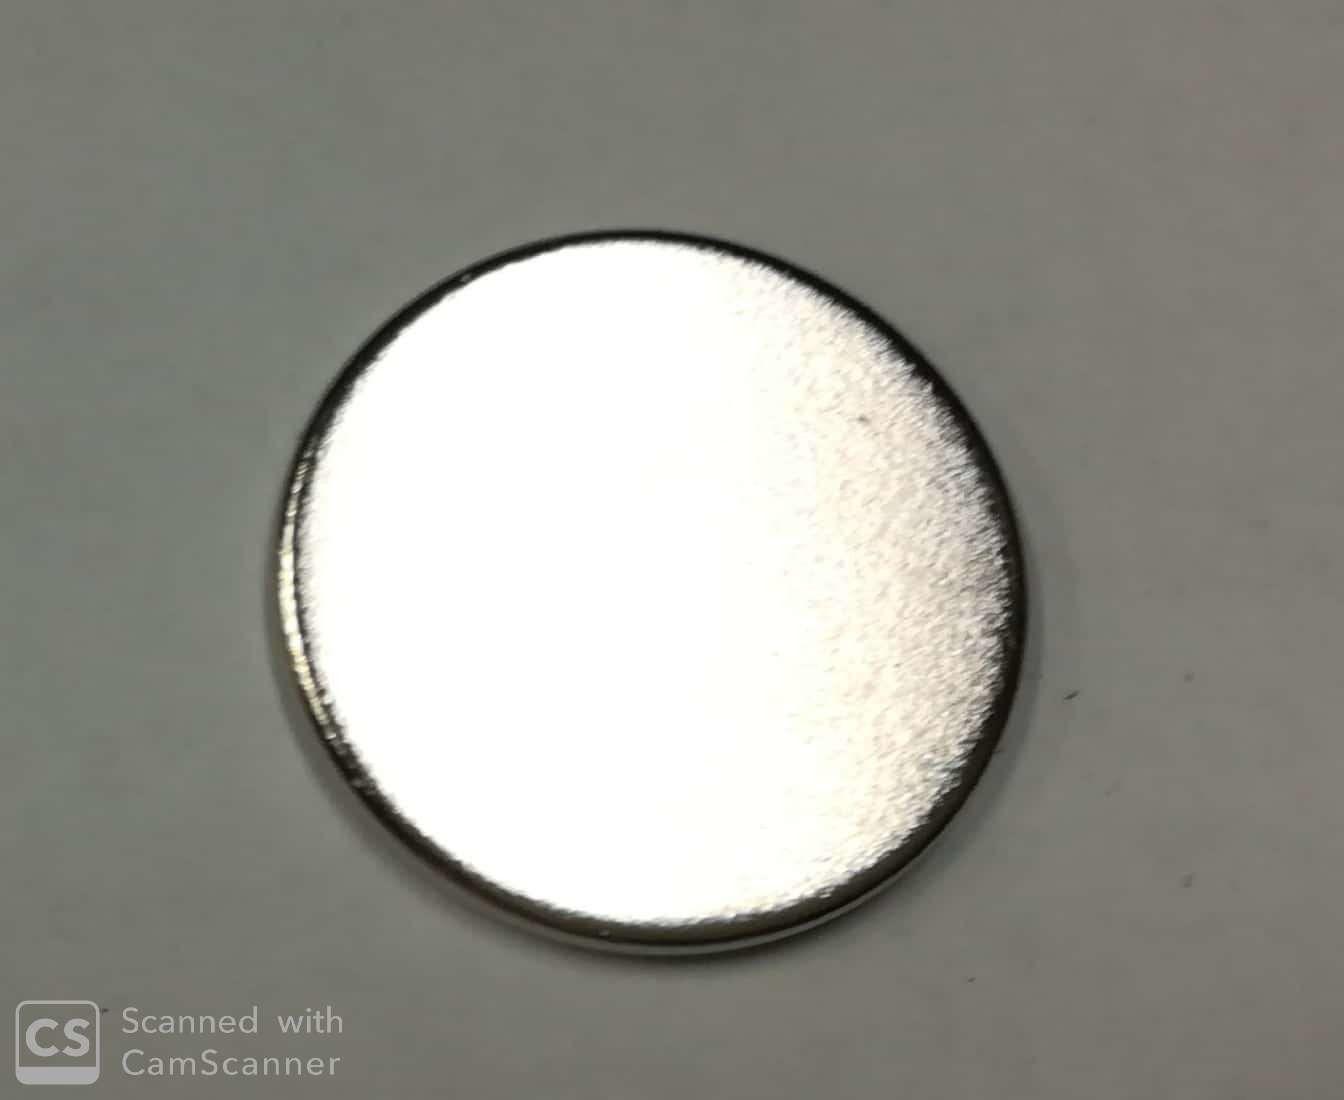 Calamita neodimio tonda mm 20 x 2 forza 2,3 Kg